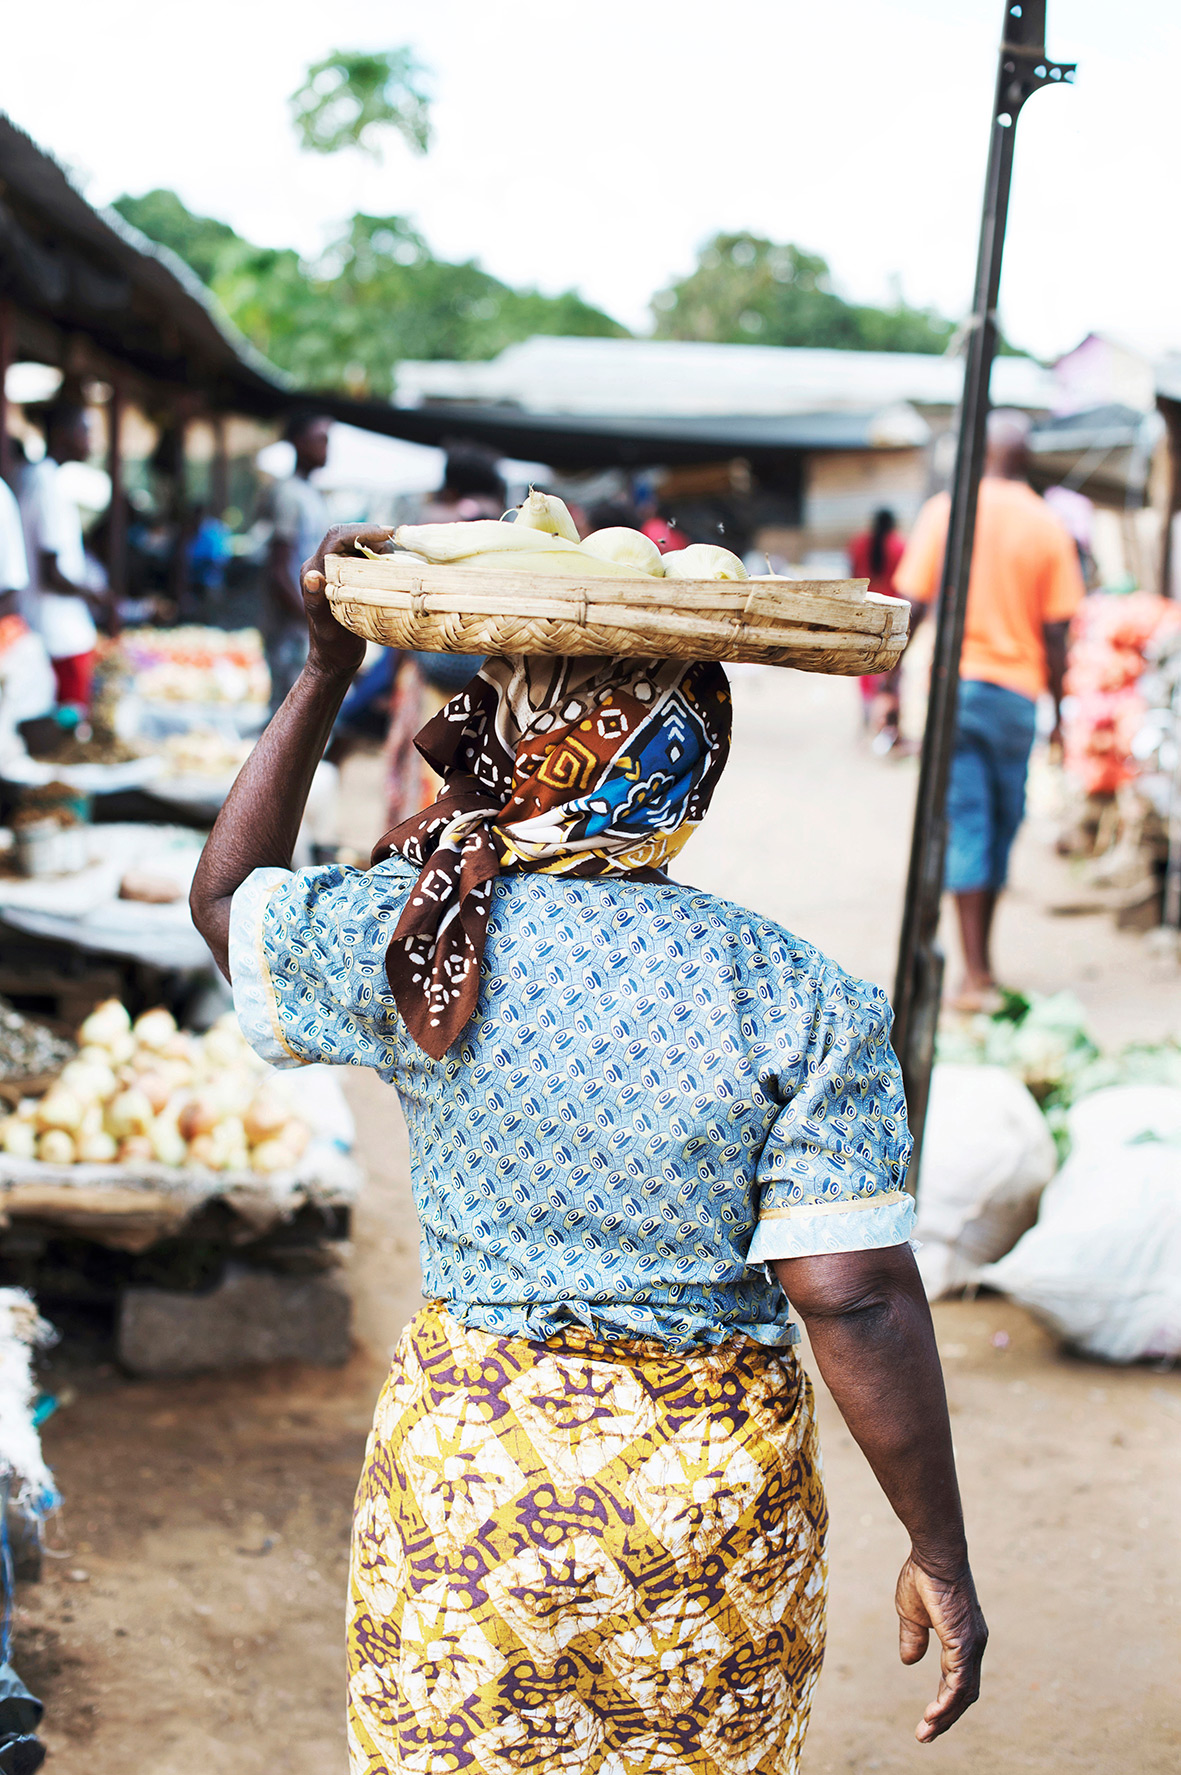 Leben in Afrika, auf dem Markt, Bild aus Afrika erhältlich im Onlineshop